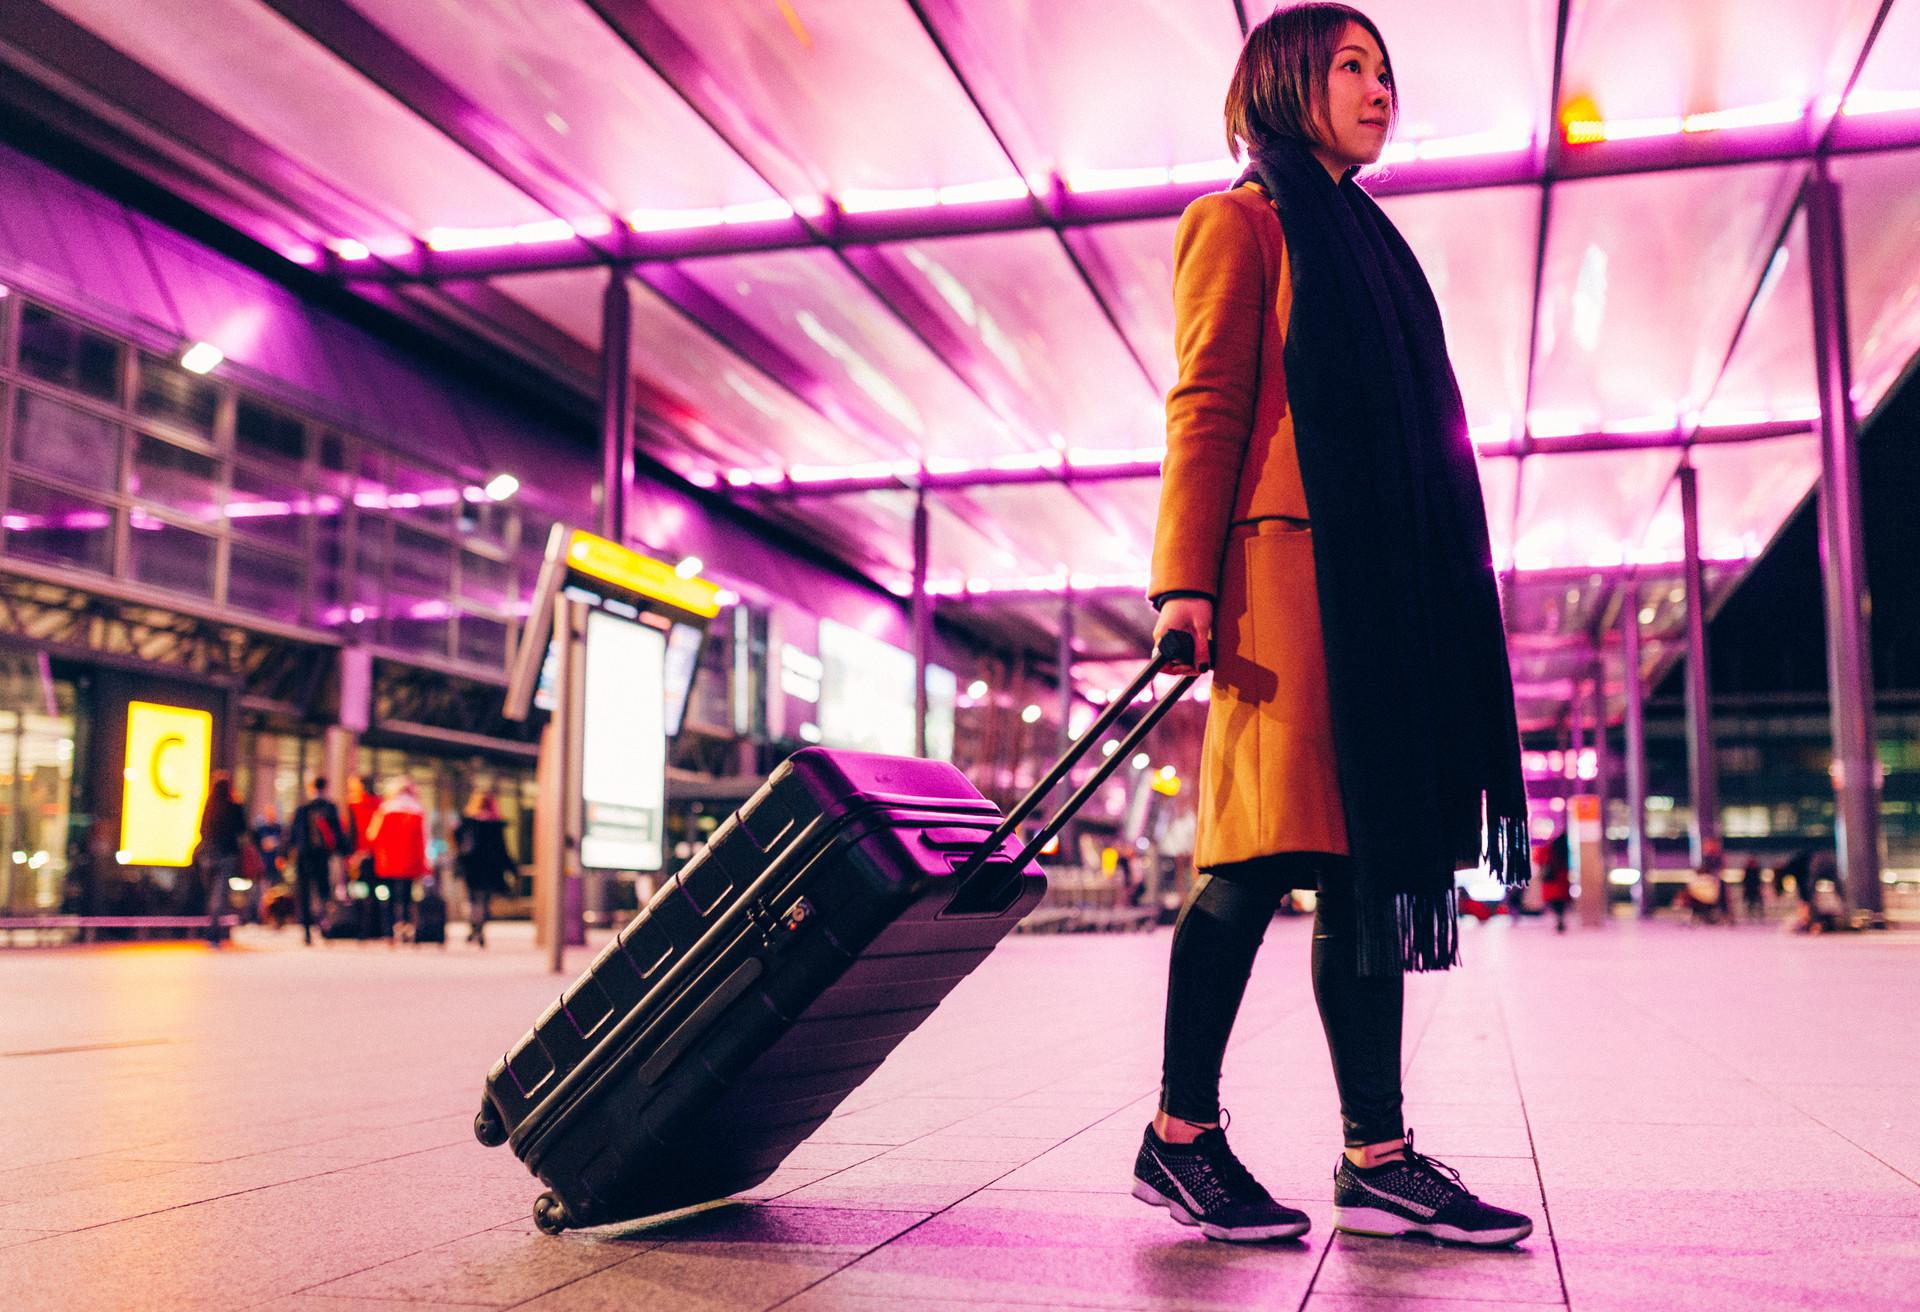 Los pasajeros esperan para embarcar en el aeropuerto de Heathrow, Londres (Reino Unido)